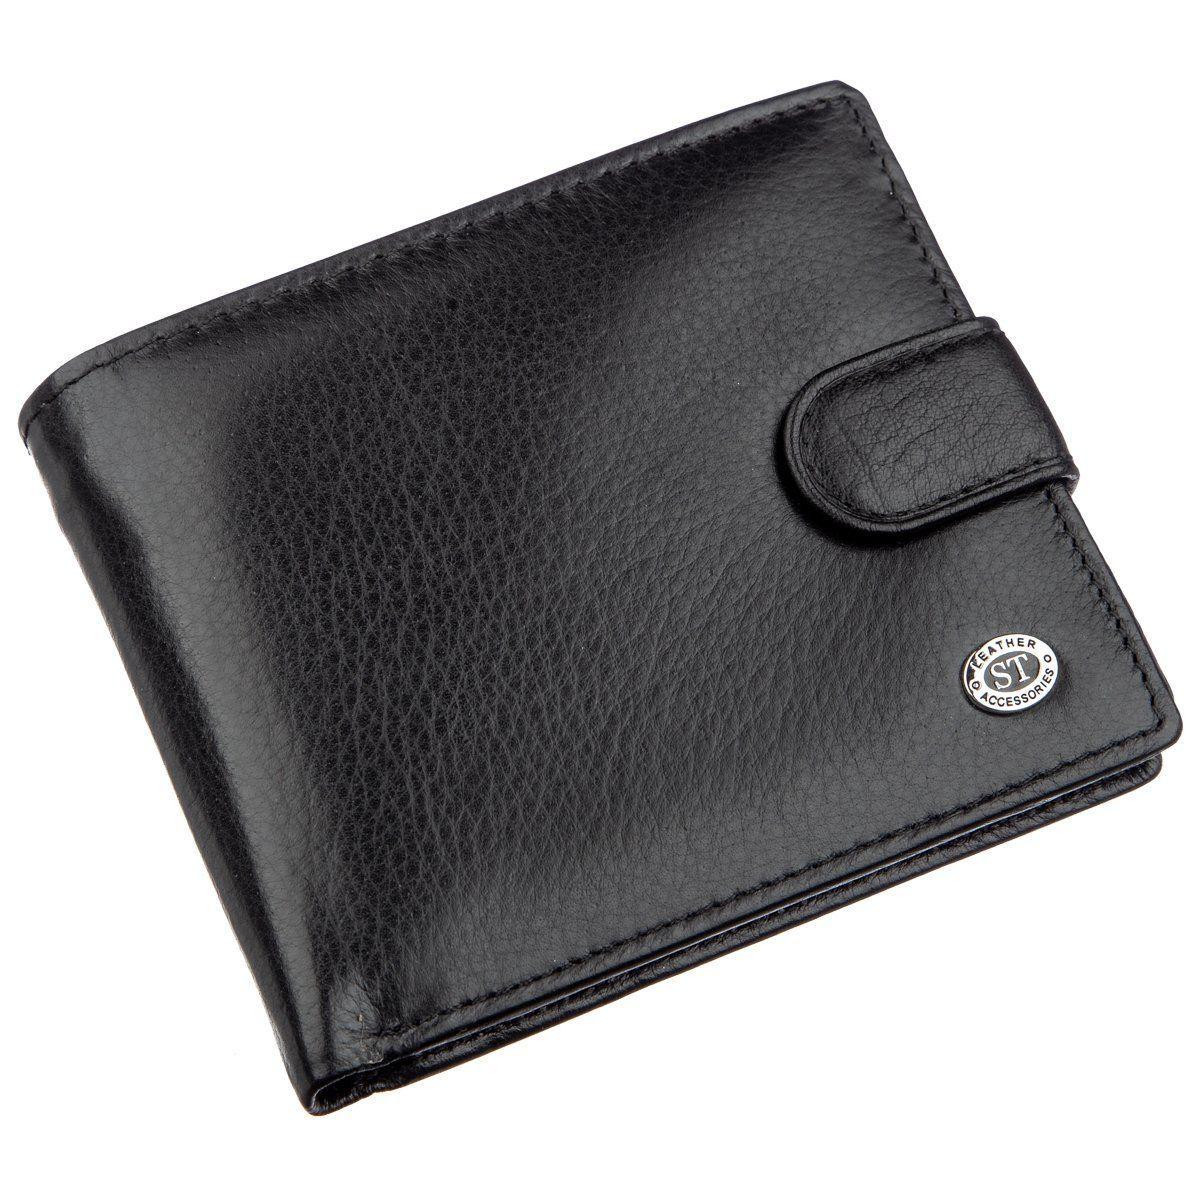 Чудовий чоловічий гаманець ST Leather 18834 чорний